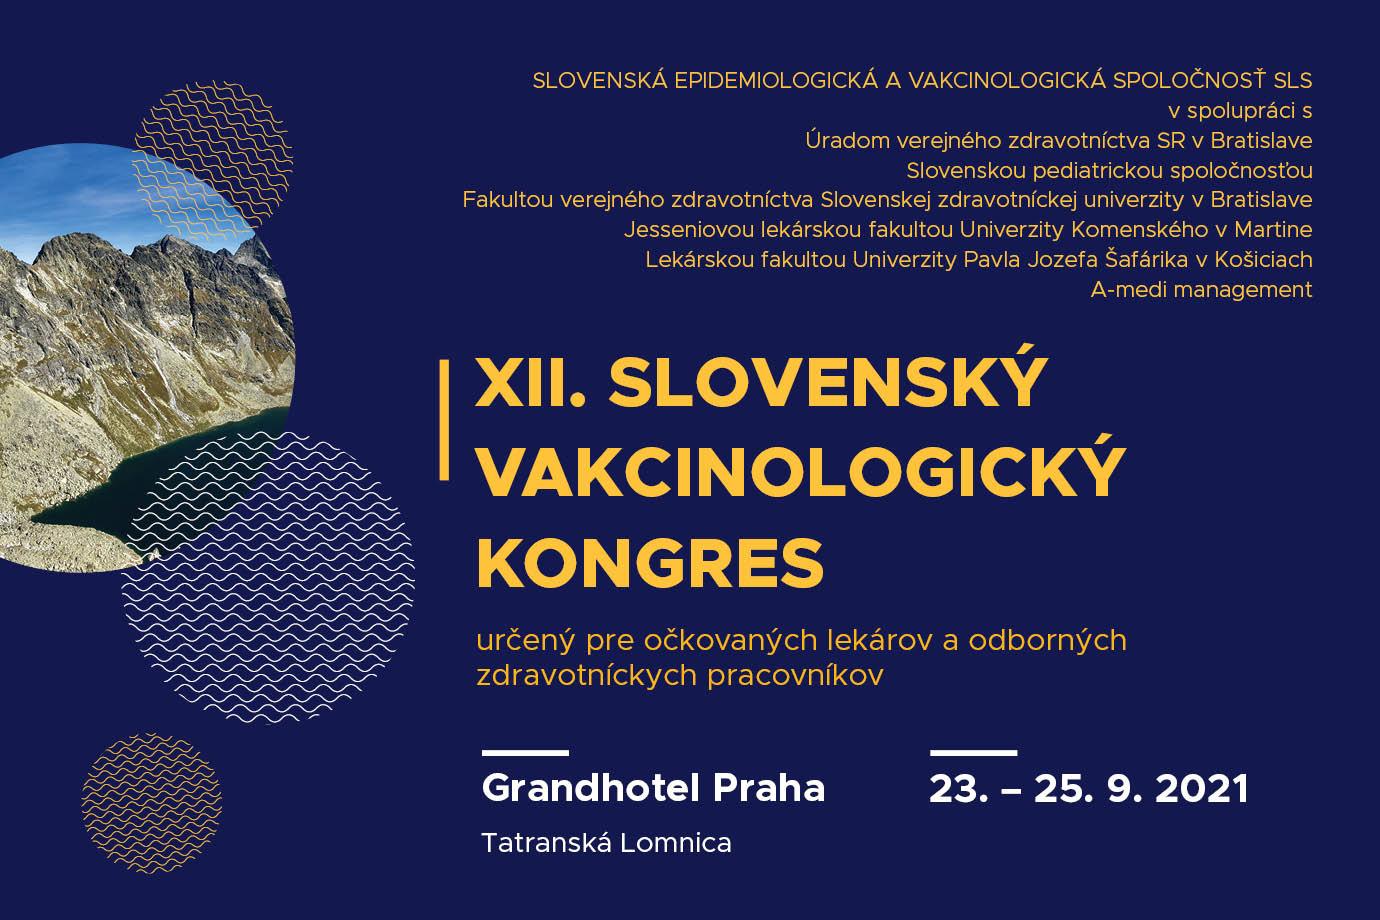 XII. Slovenský vakcinologický kongres